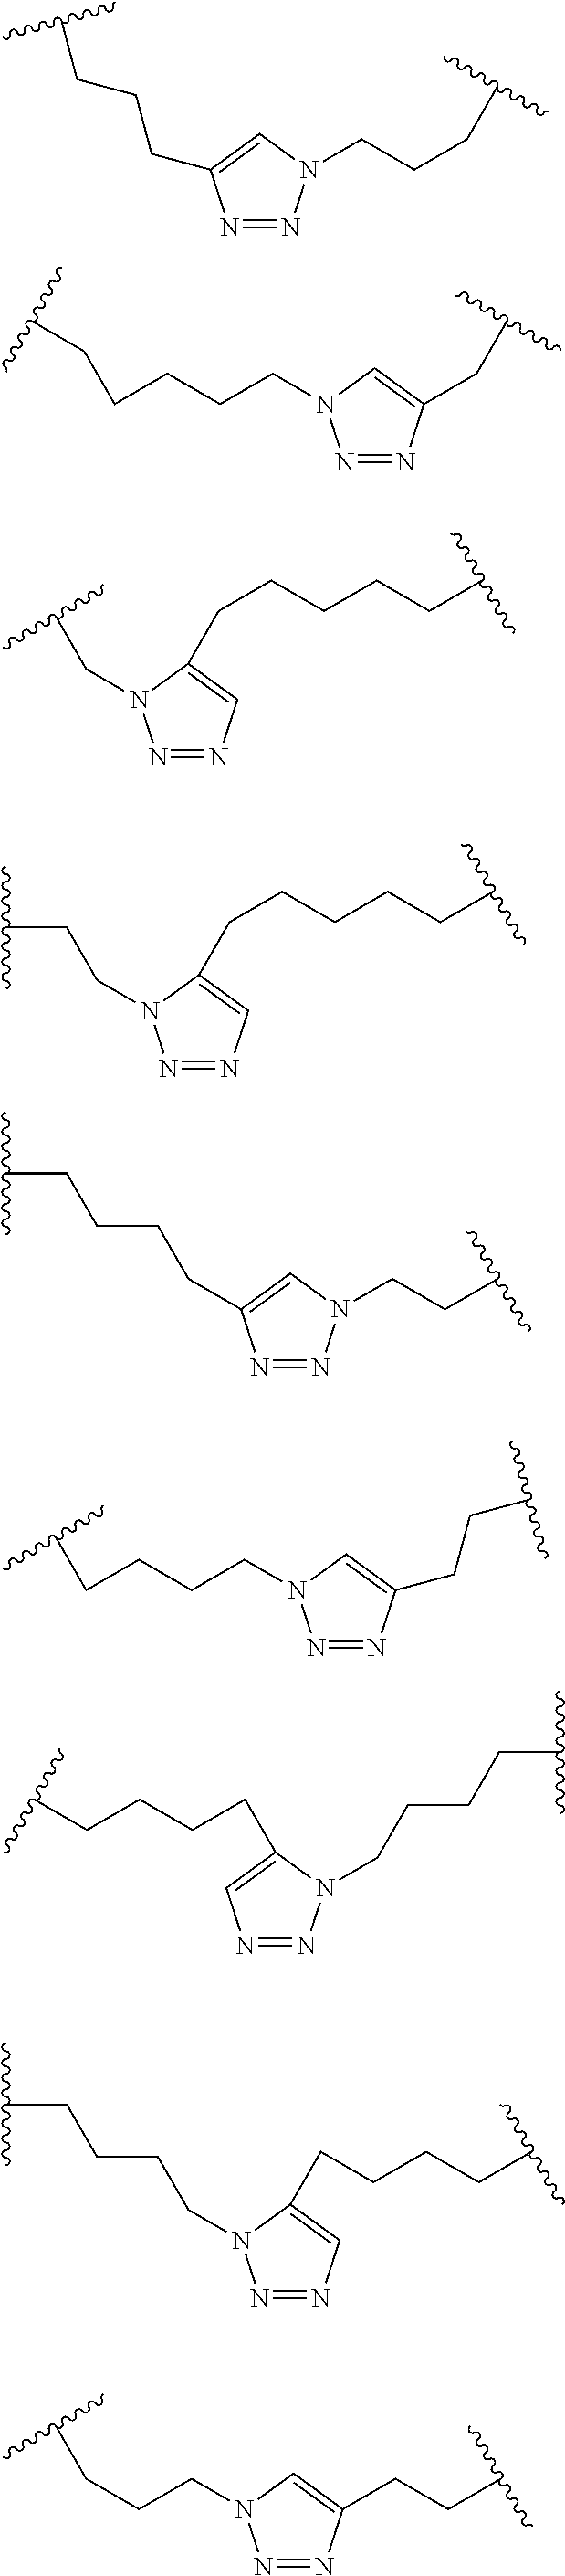 Figure US09782454-20171010-C00025